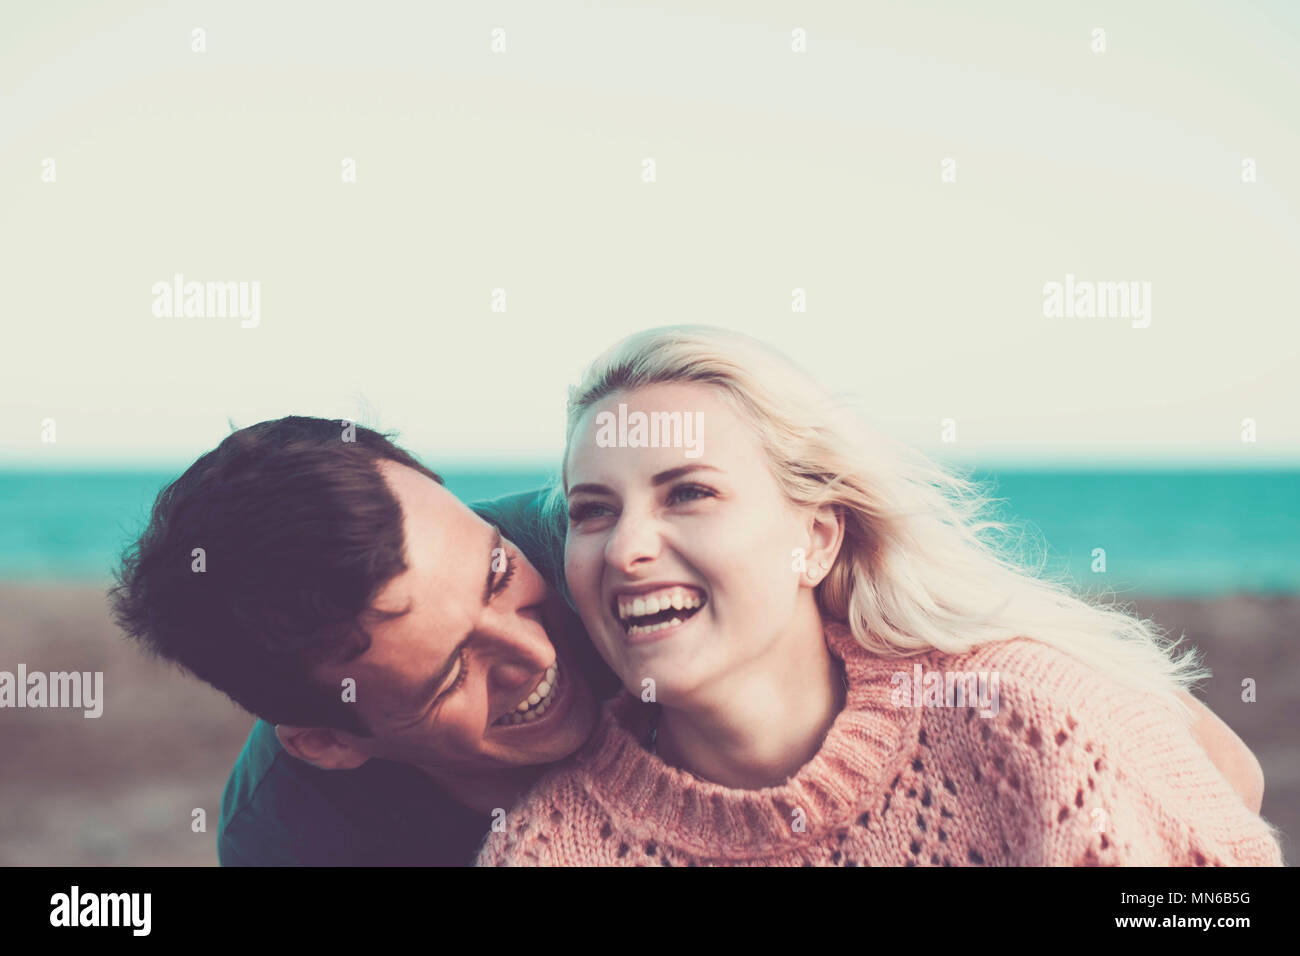 Giovani caucasici giovane bionda e capelli neri stare insieme con gioia e con amore all'aperto con la spiaggia e l'oceano in background. Tempo libero Concetto di vacanza con Immagini Stock